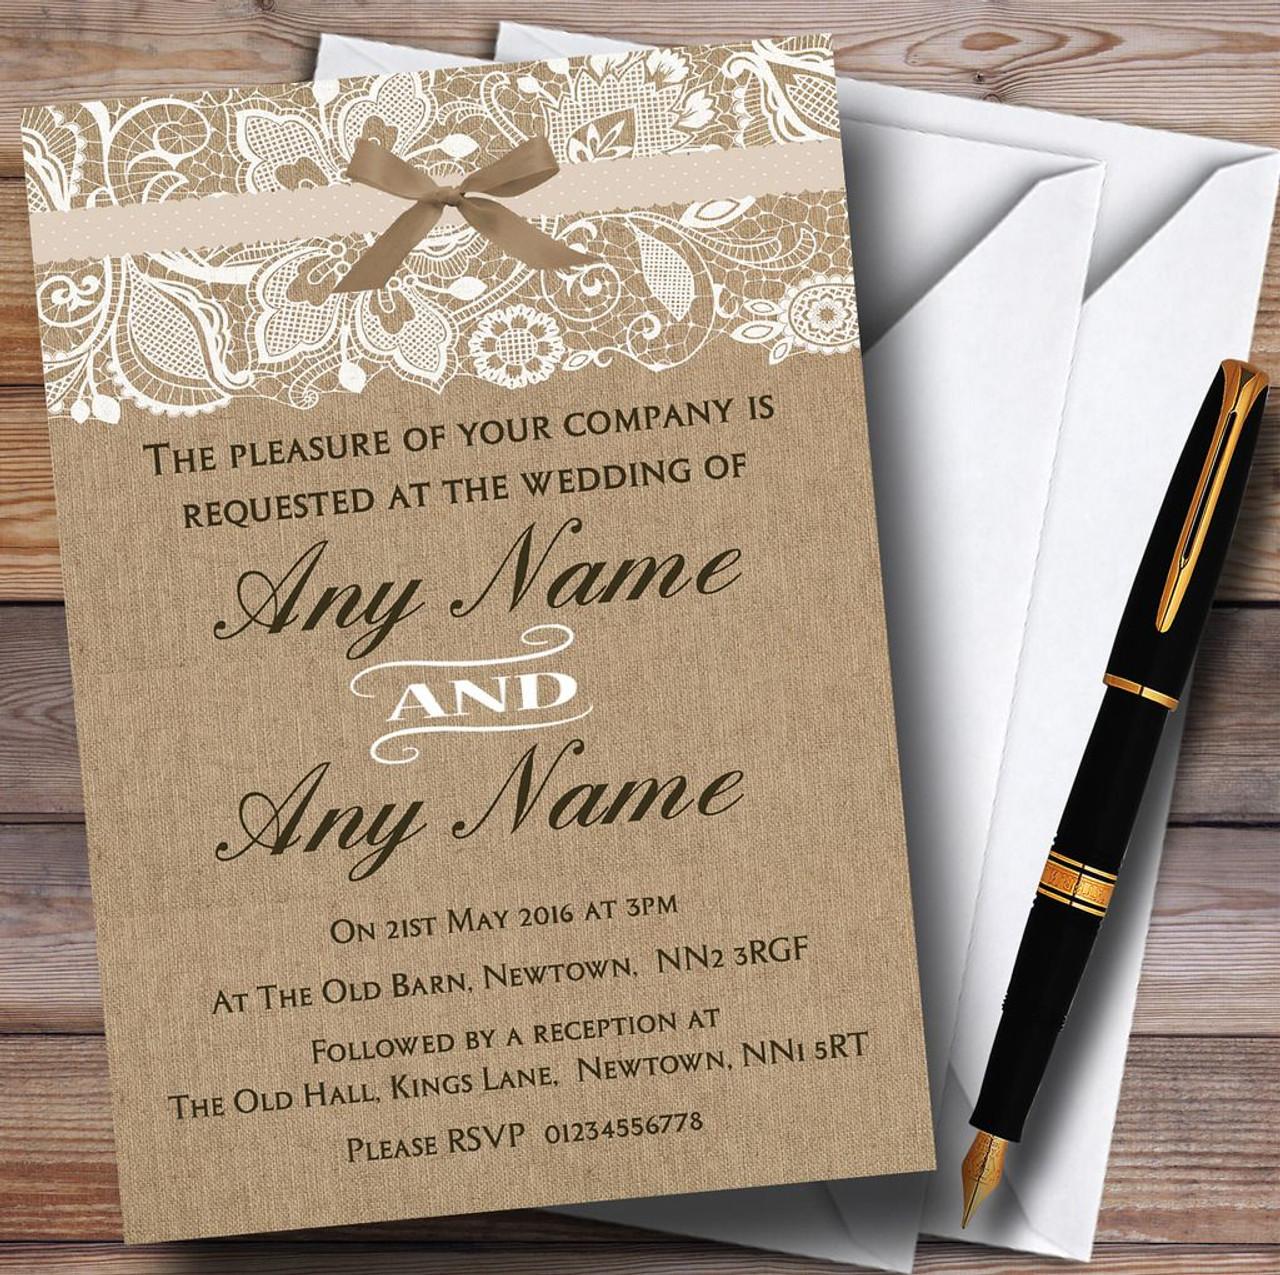 Wedding Invites Personalised: Vintage Burlap & Lace Personalised Wedding Invitations